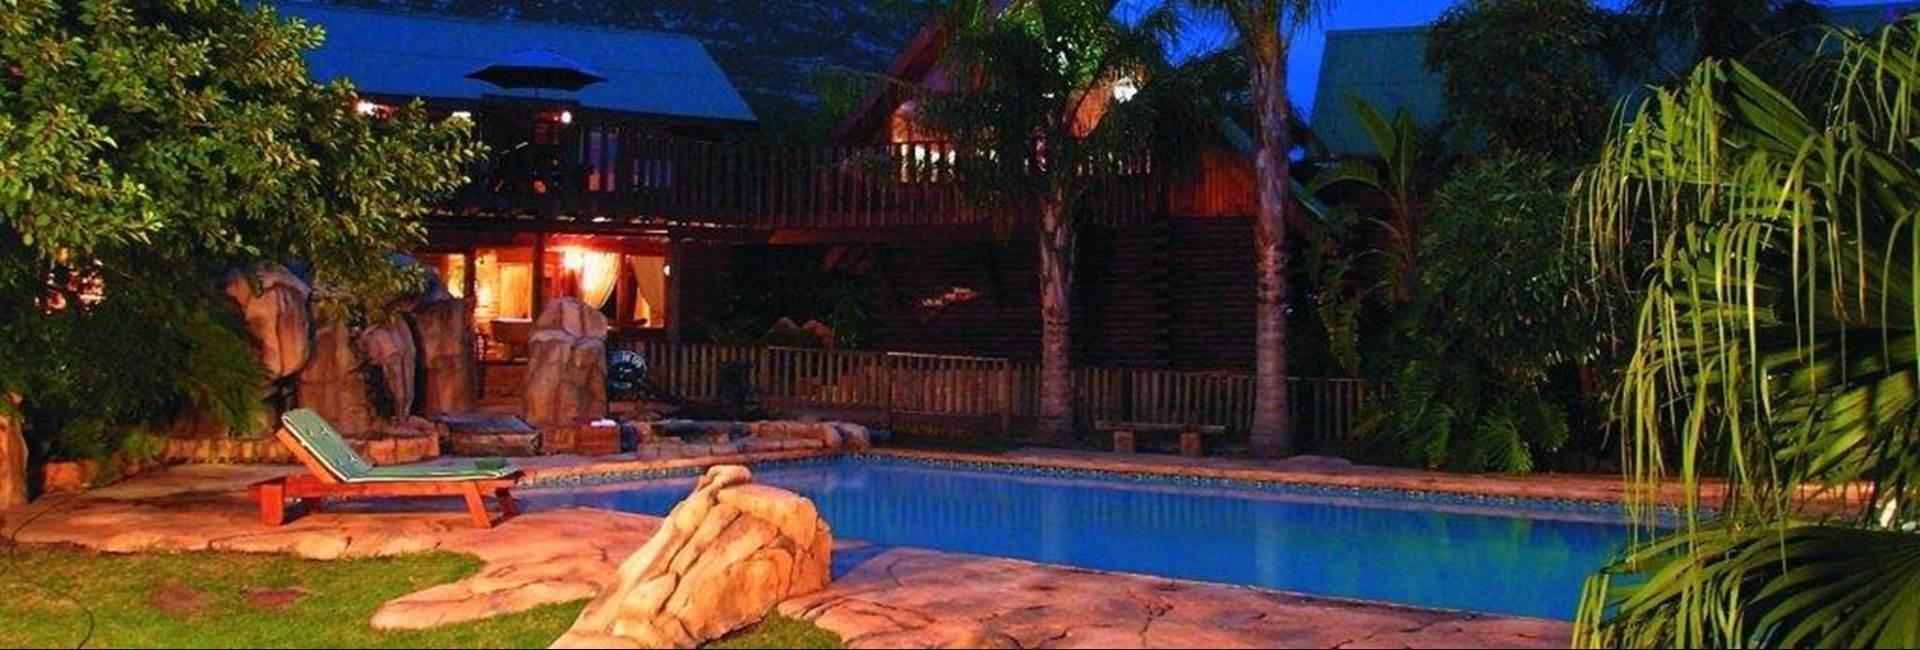 Tsitsikamma Lodge Spa Live To Travel